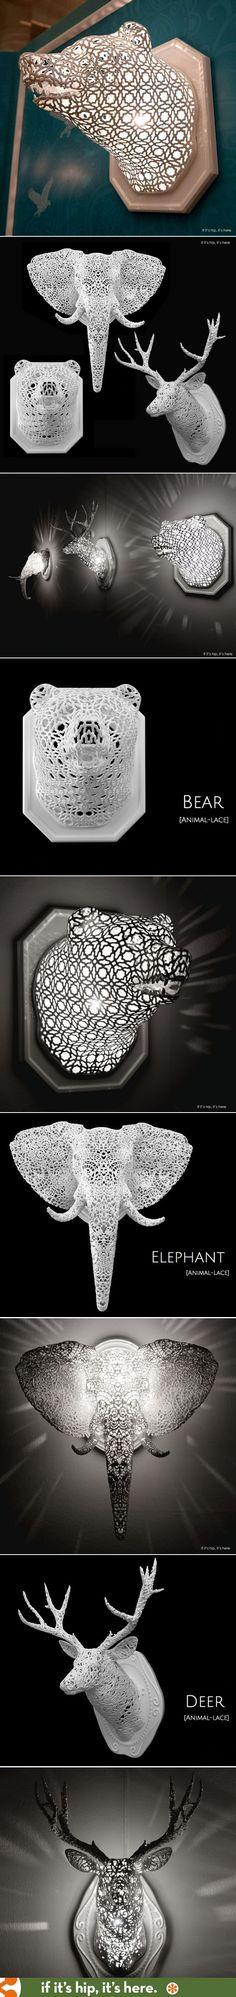 Animais de parede impressos em 3D com efeito vazado de renda. Eles acendem por dentro e criam um efeito incrível na decoração.